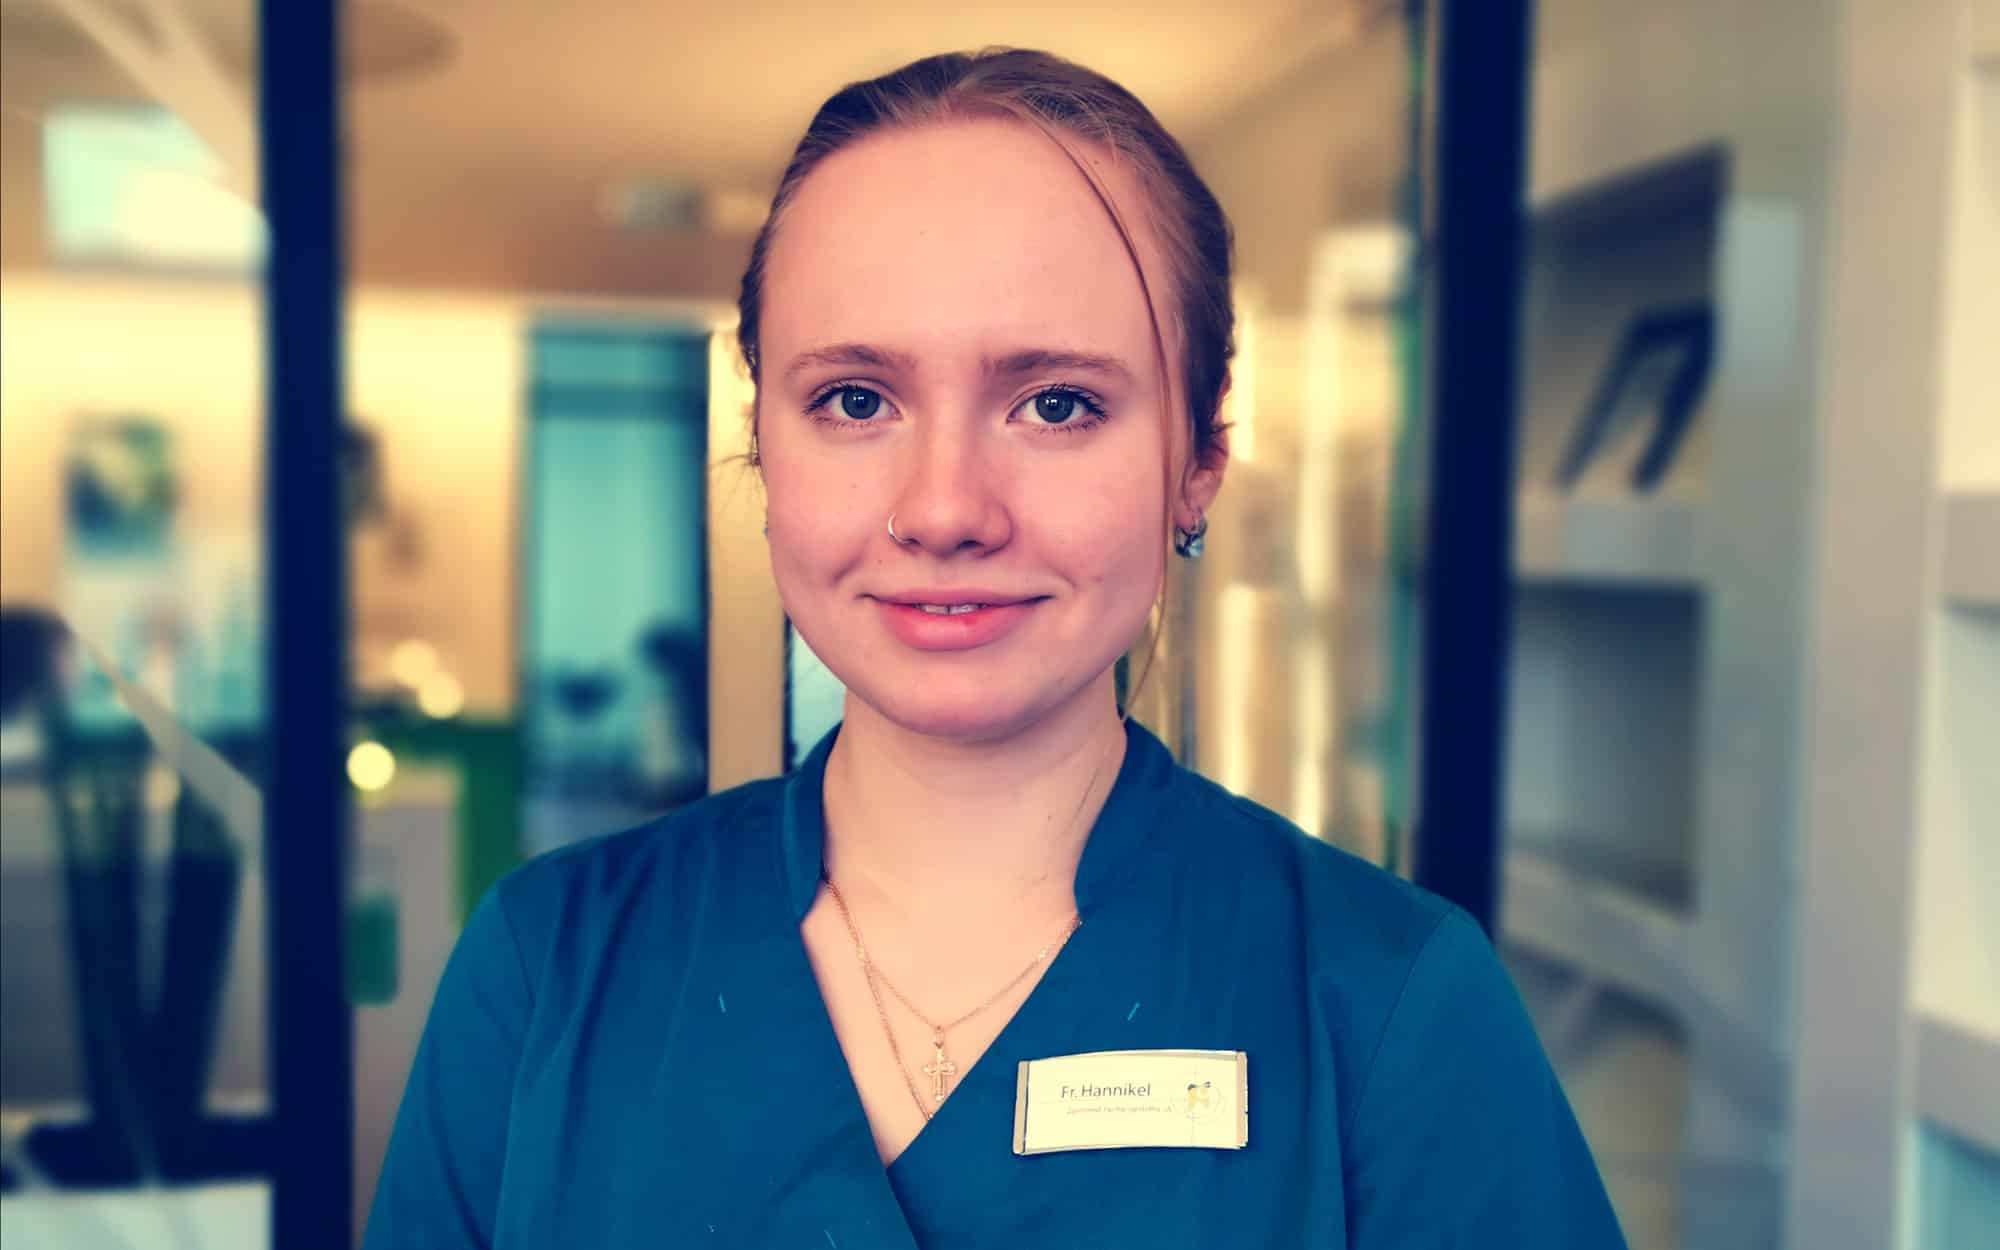 Julia Hannikel - Zahnmedizinische Fachangestellte in Ausbildung in der Zahnarztpraxis Dr. Wolfgang Gottwald in Koblenz